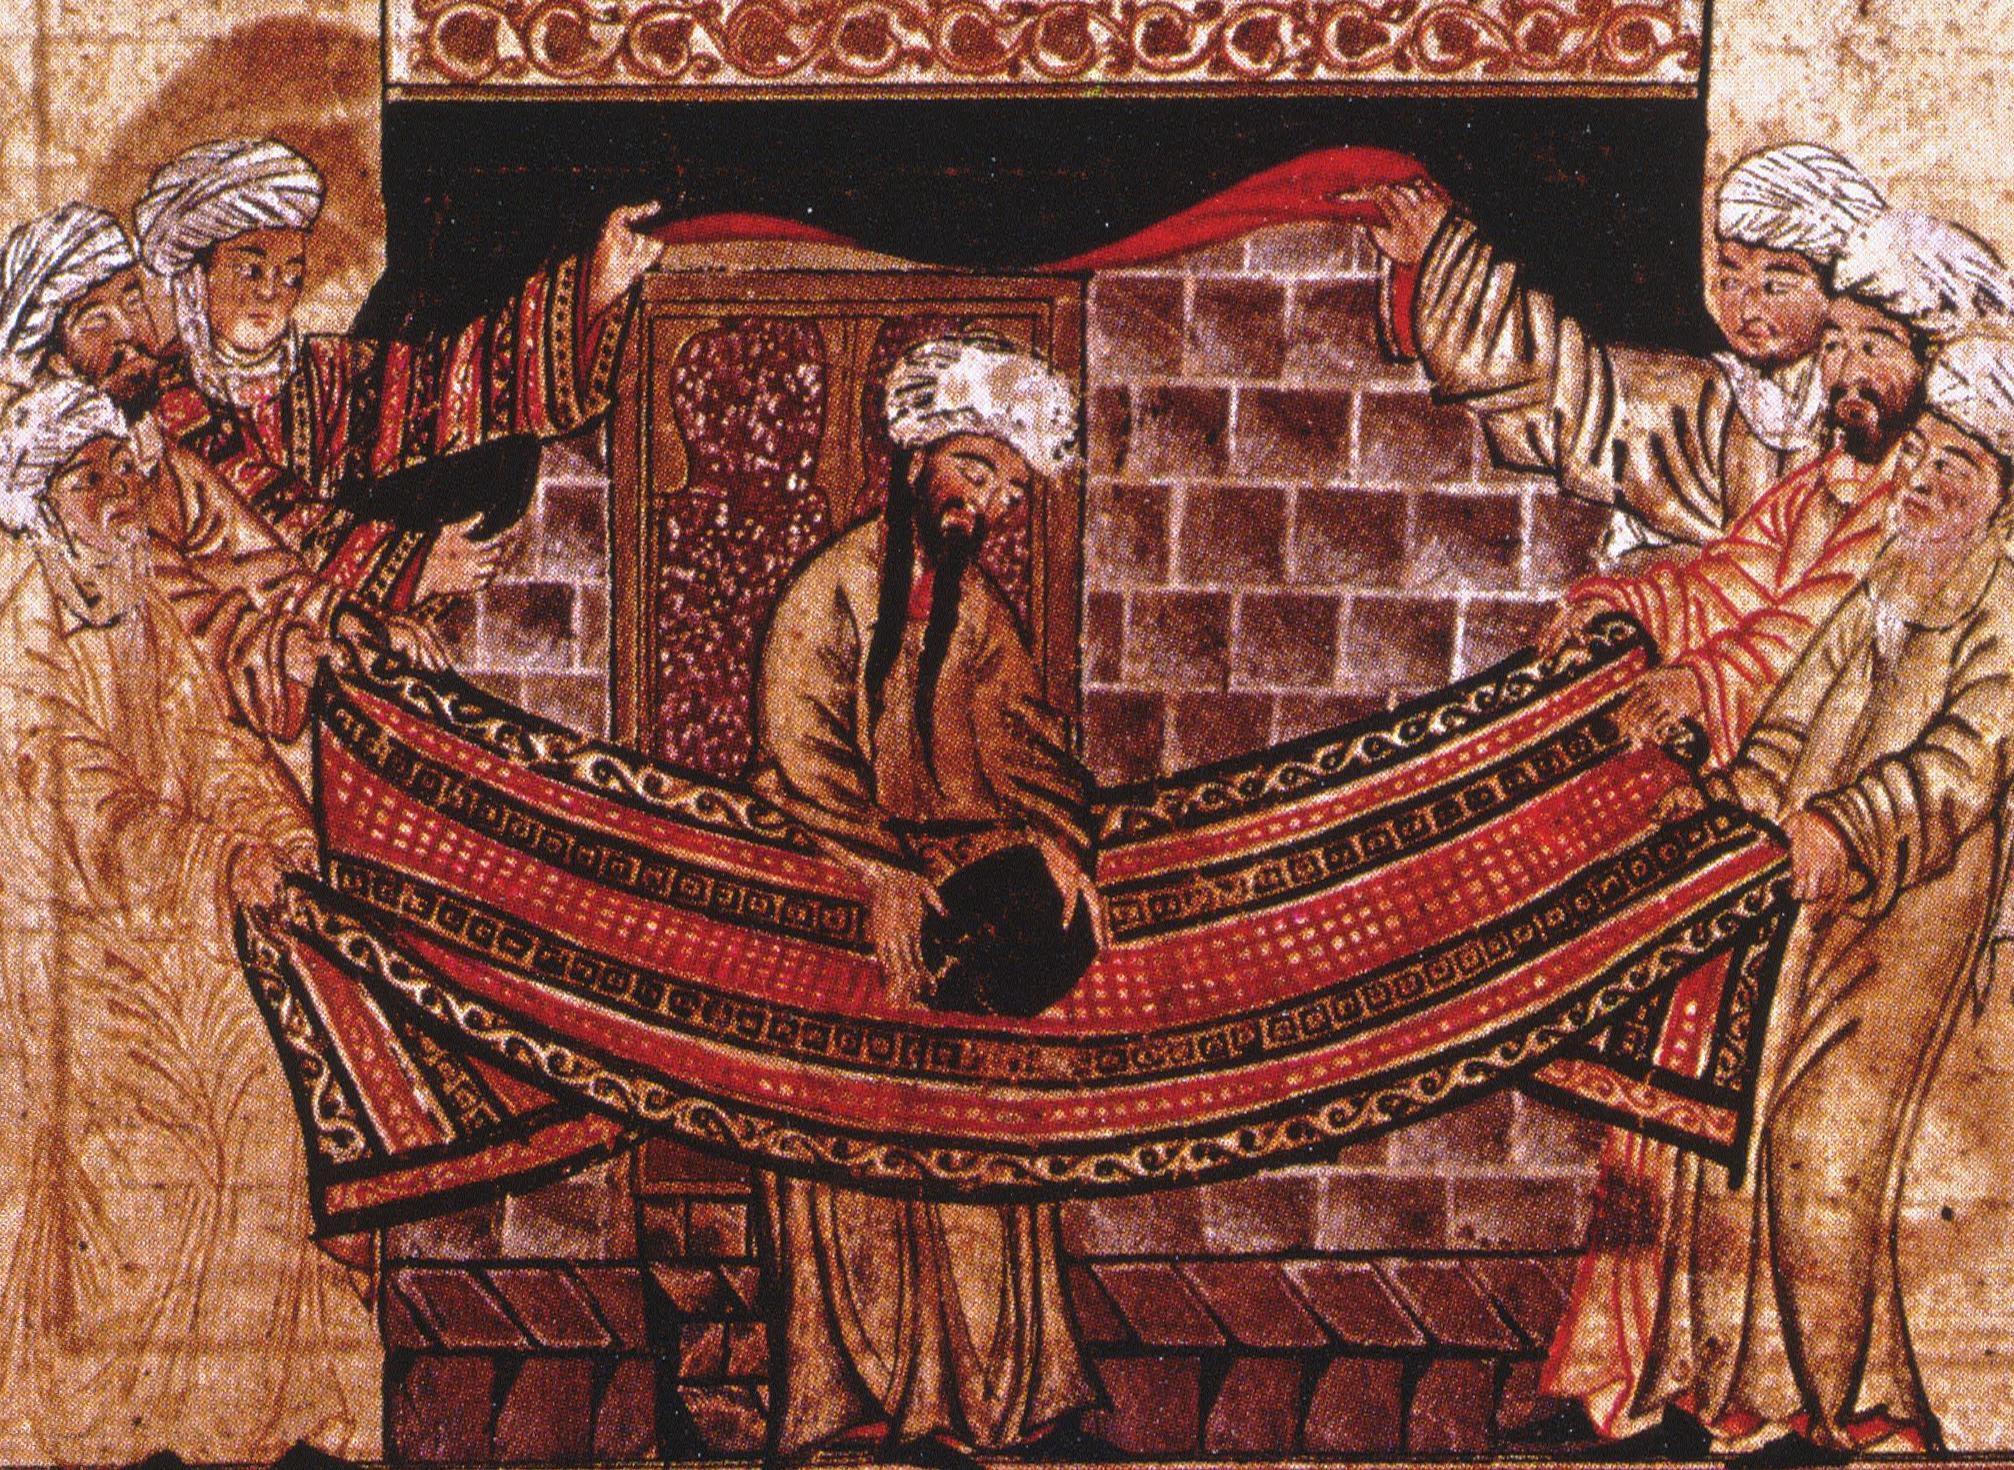 File:Mohammed kaaba 1315.jpg